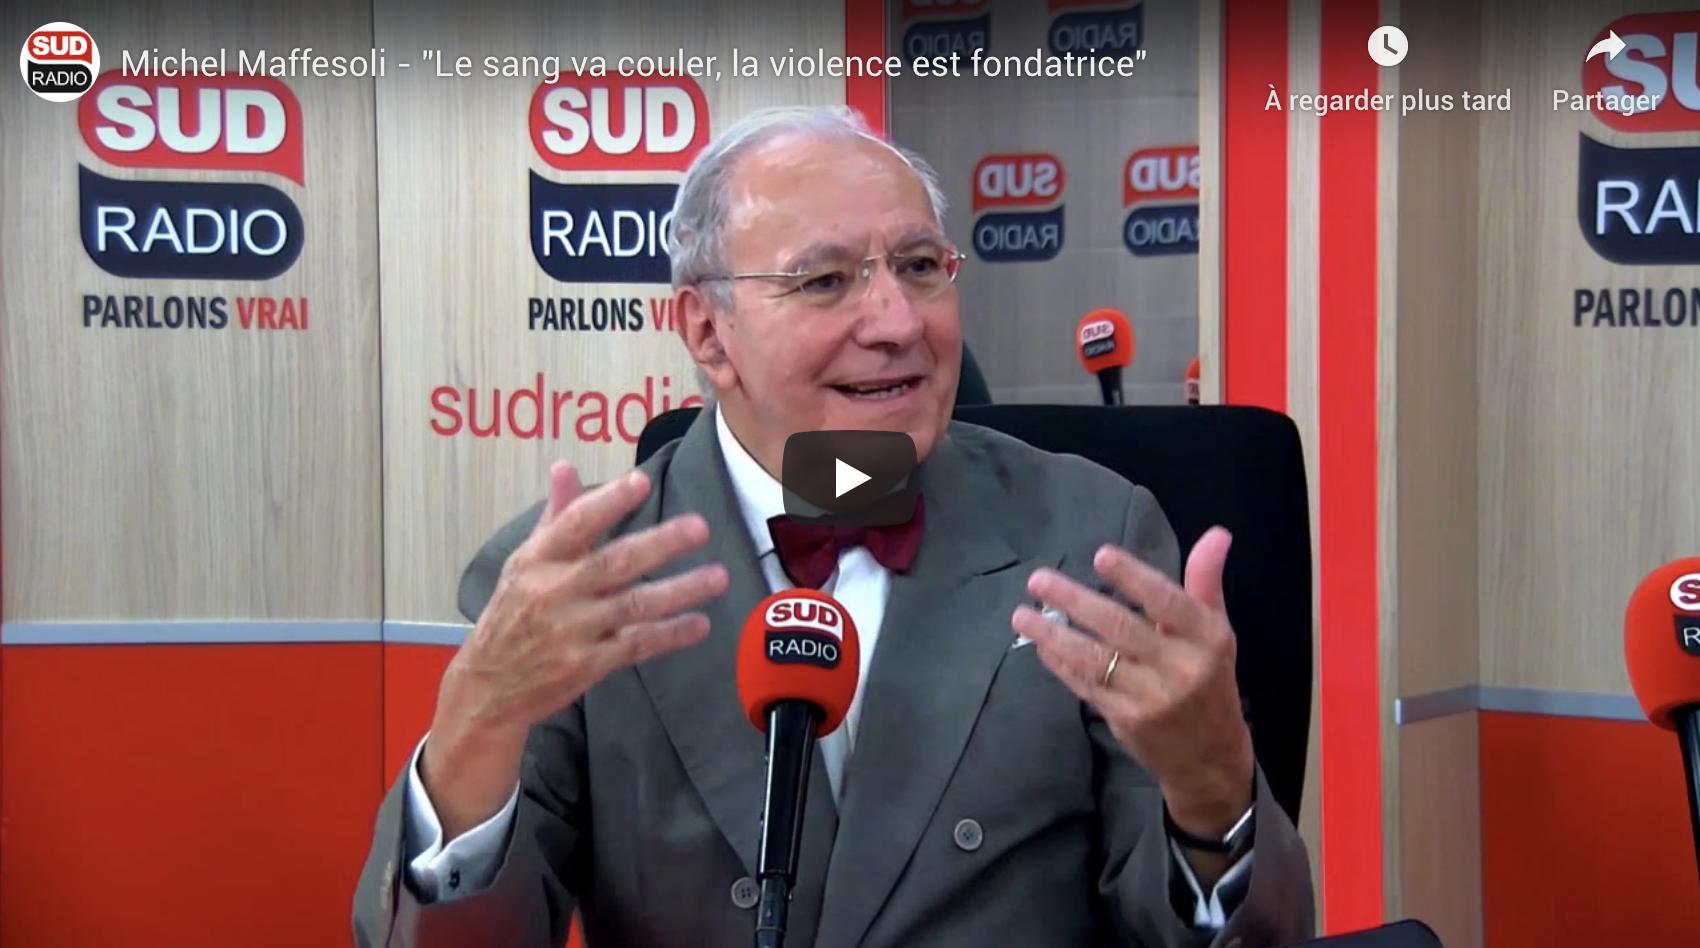 """Michel Maffesoli : """"L'abstention montre la saturation d'un idéal démocratique"""""""